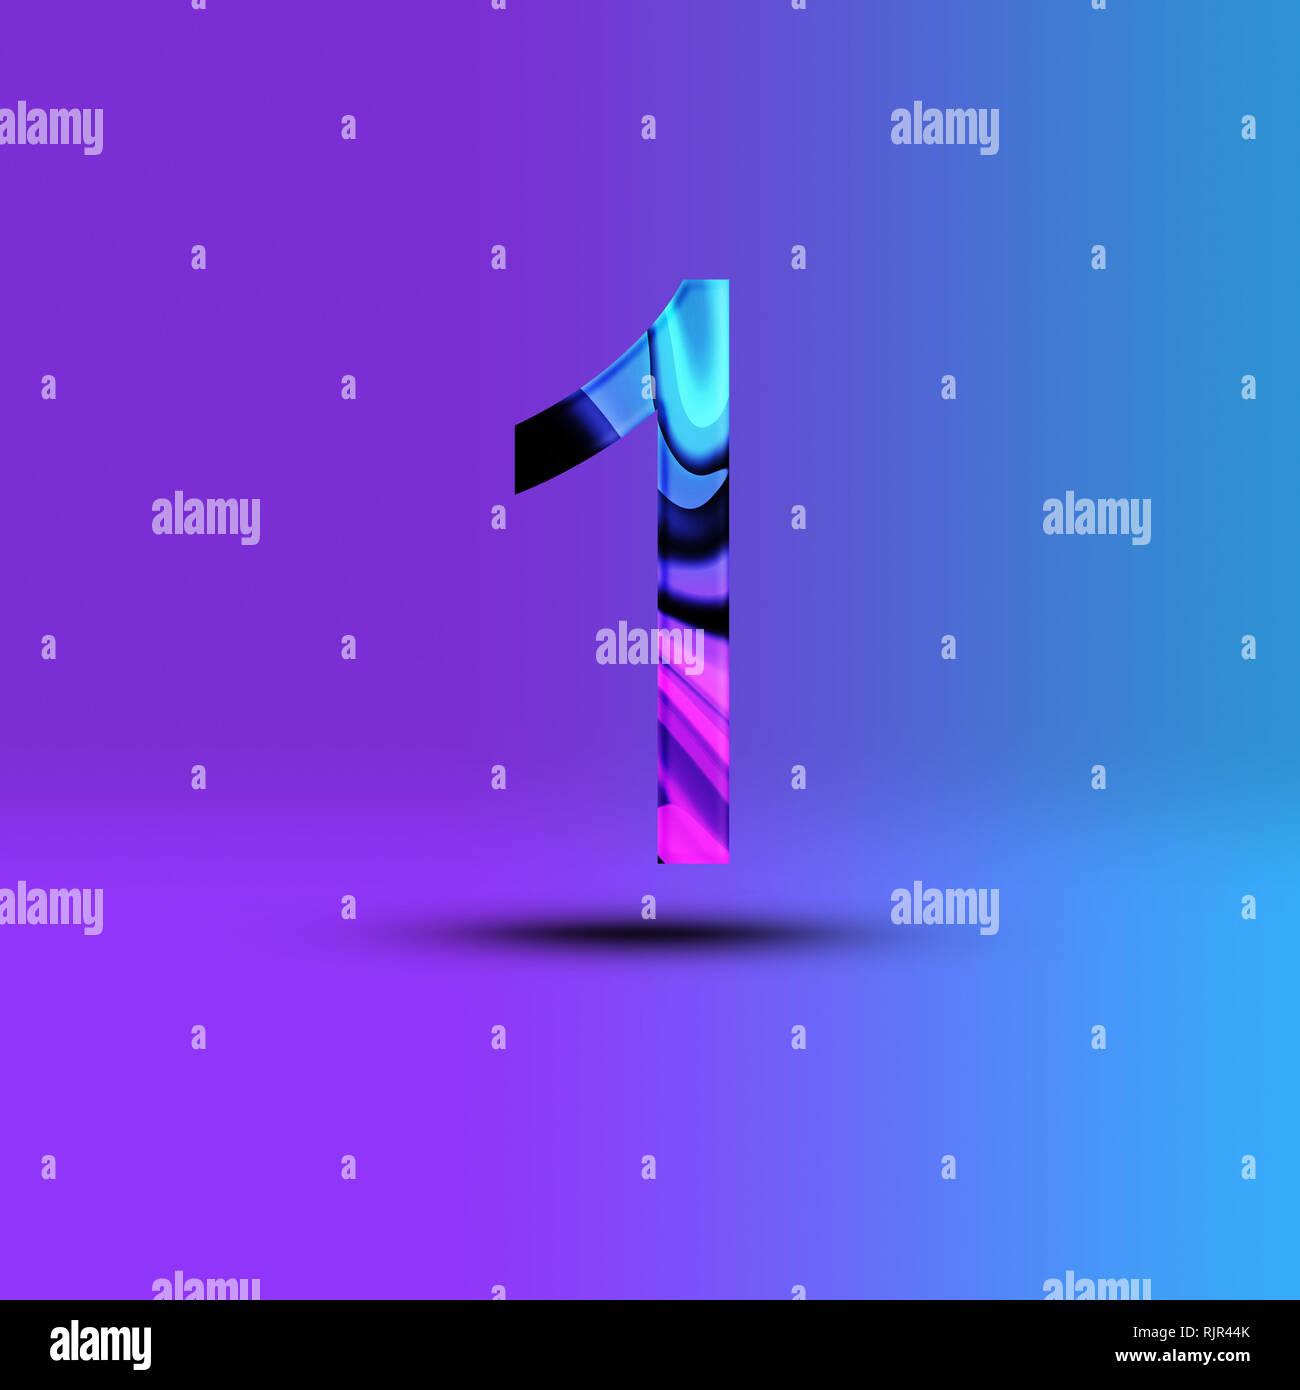 Ilustración número 1 . Ciberpunk synthwave creativa elementos de diseño. Aislado en el fondo. Imagen De Stock